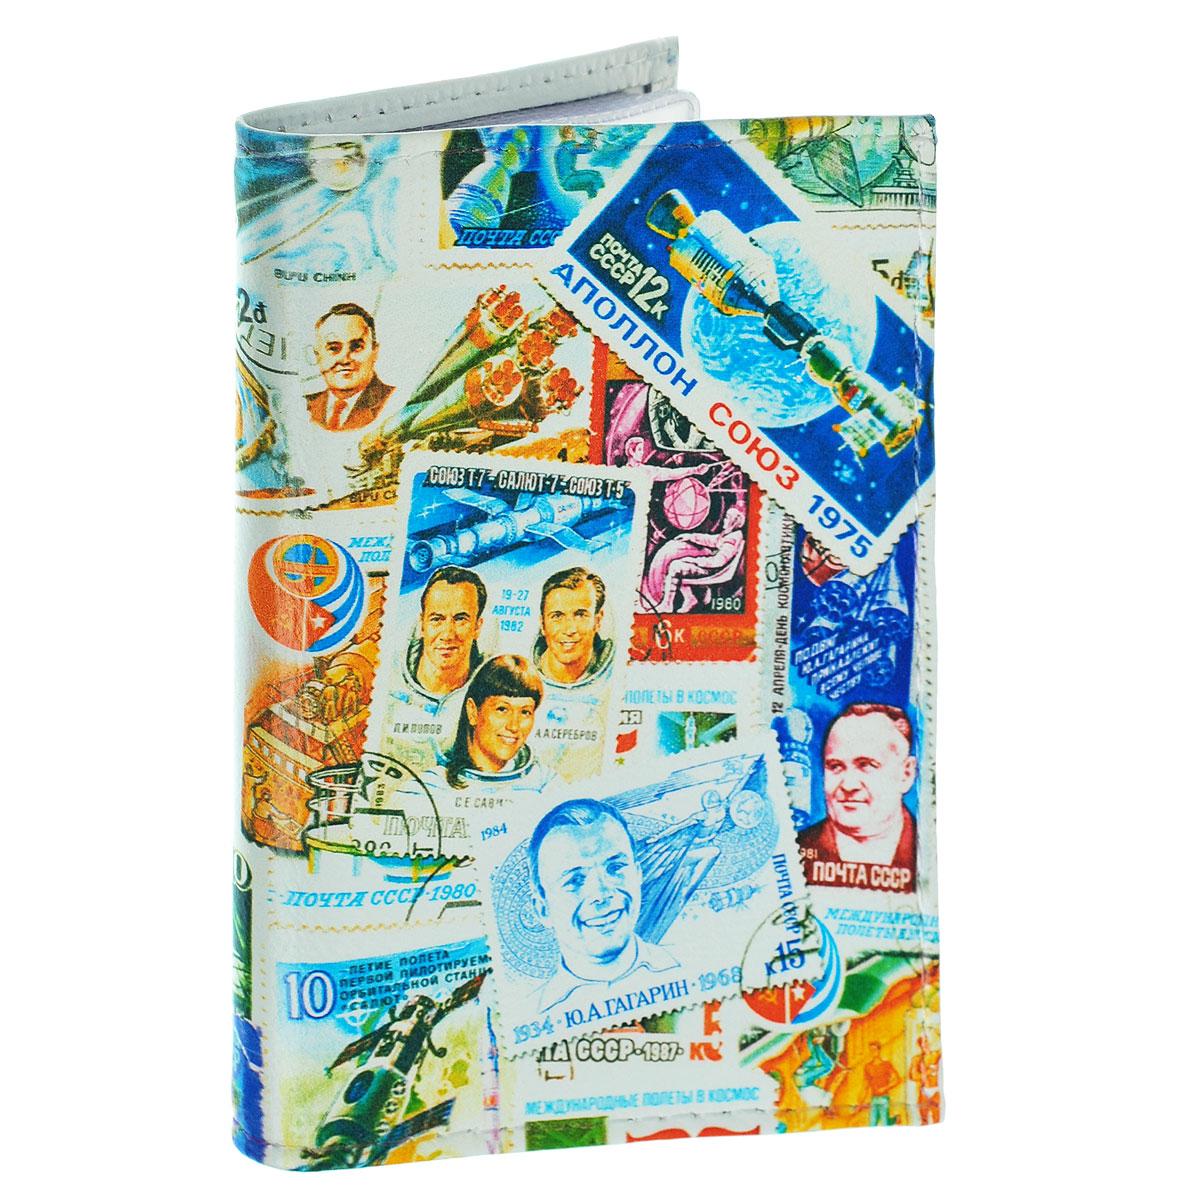 Обложка для автодокументов Космос (марки). AUTO271181Обложка для автодокументов Mitya Veselkov Космос. Марки изготовлена из натуральной кожи и оформлена изображениями почтовых марок с космической тематикой. На внутреннем развороте имеются съемный блок из шести прозрачных файлов из мягкого пластика для водительских документов, один из которых формата А5, а также два боковых кармашка для визиток или банковских карт.Стильная обложка не только поможет сохранить внешний вид ваших документов и защитит их отгрязи и пыли, но и станет аксессуаром, который подчеркнет вашу яркую индивидуальность.